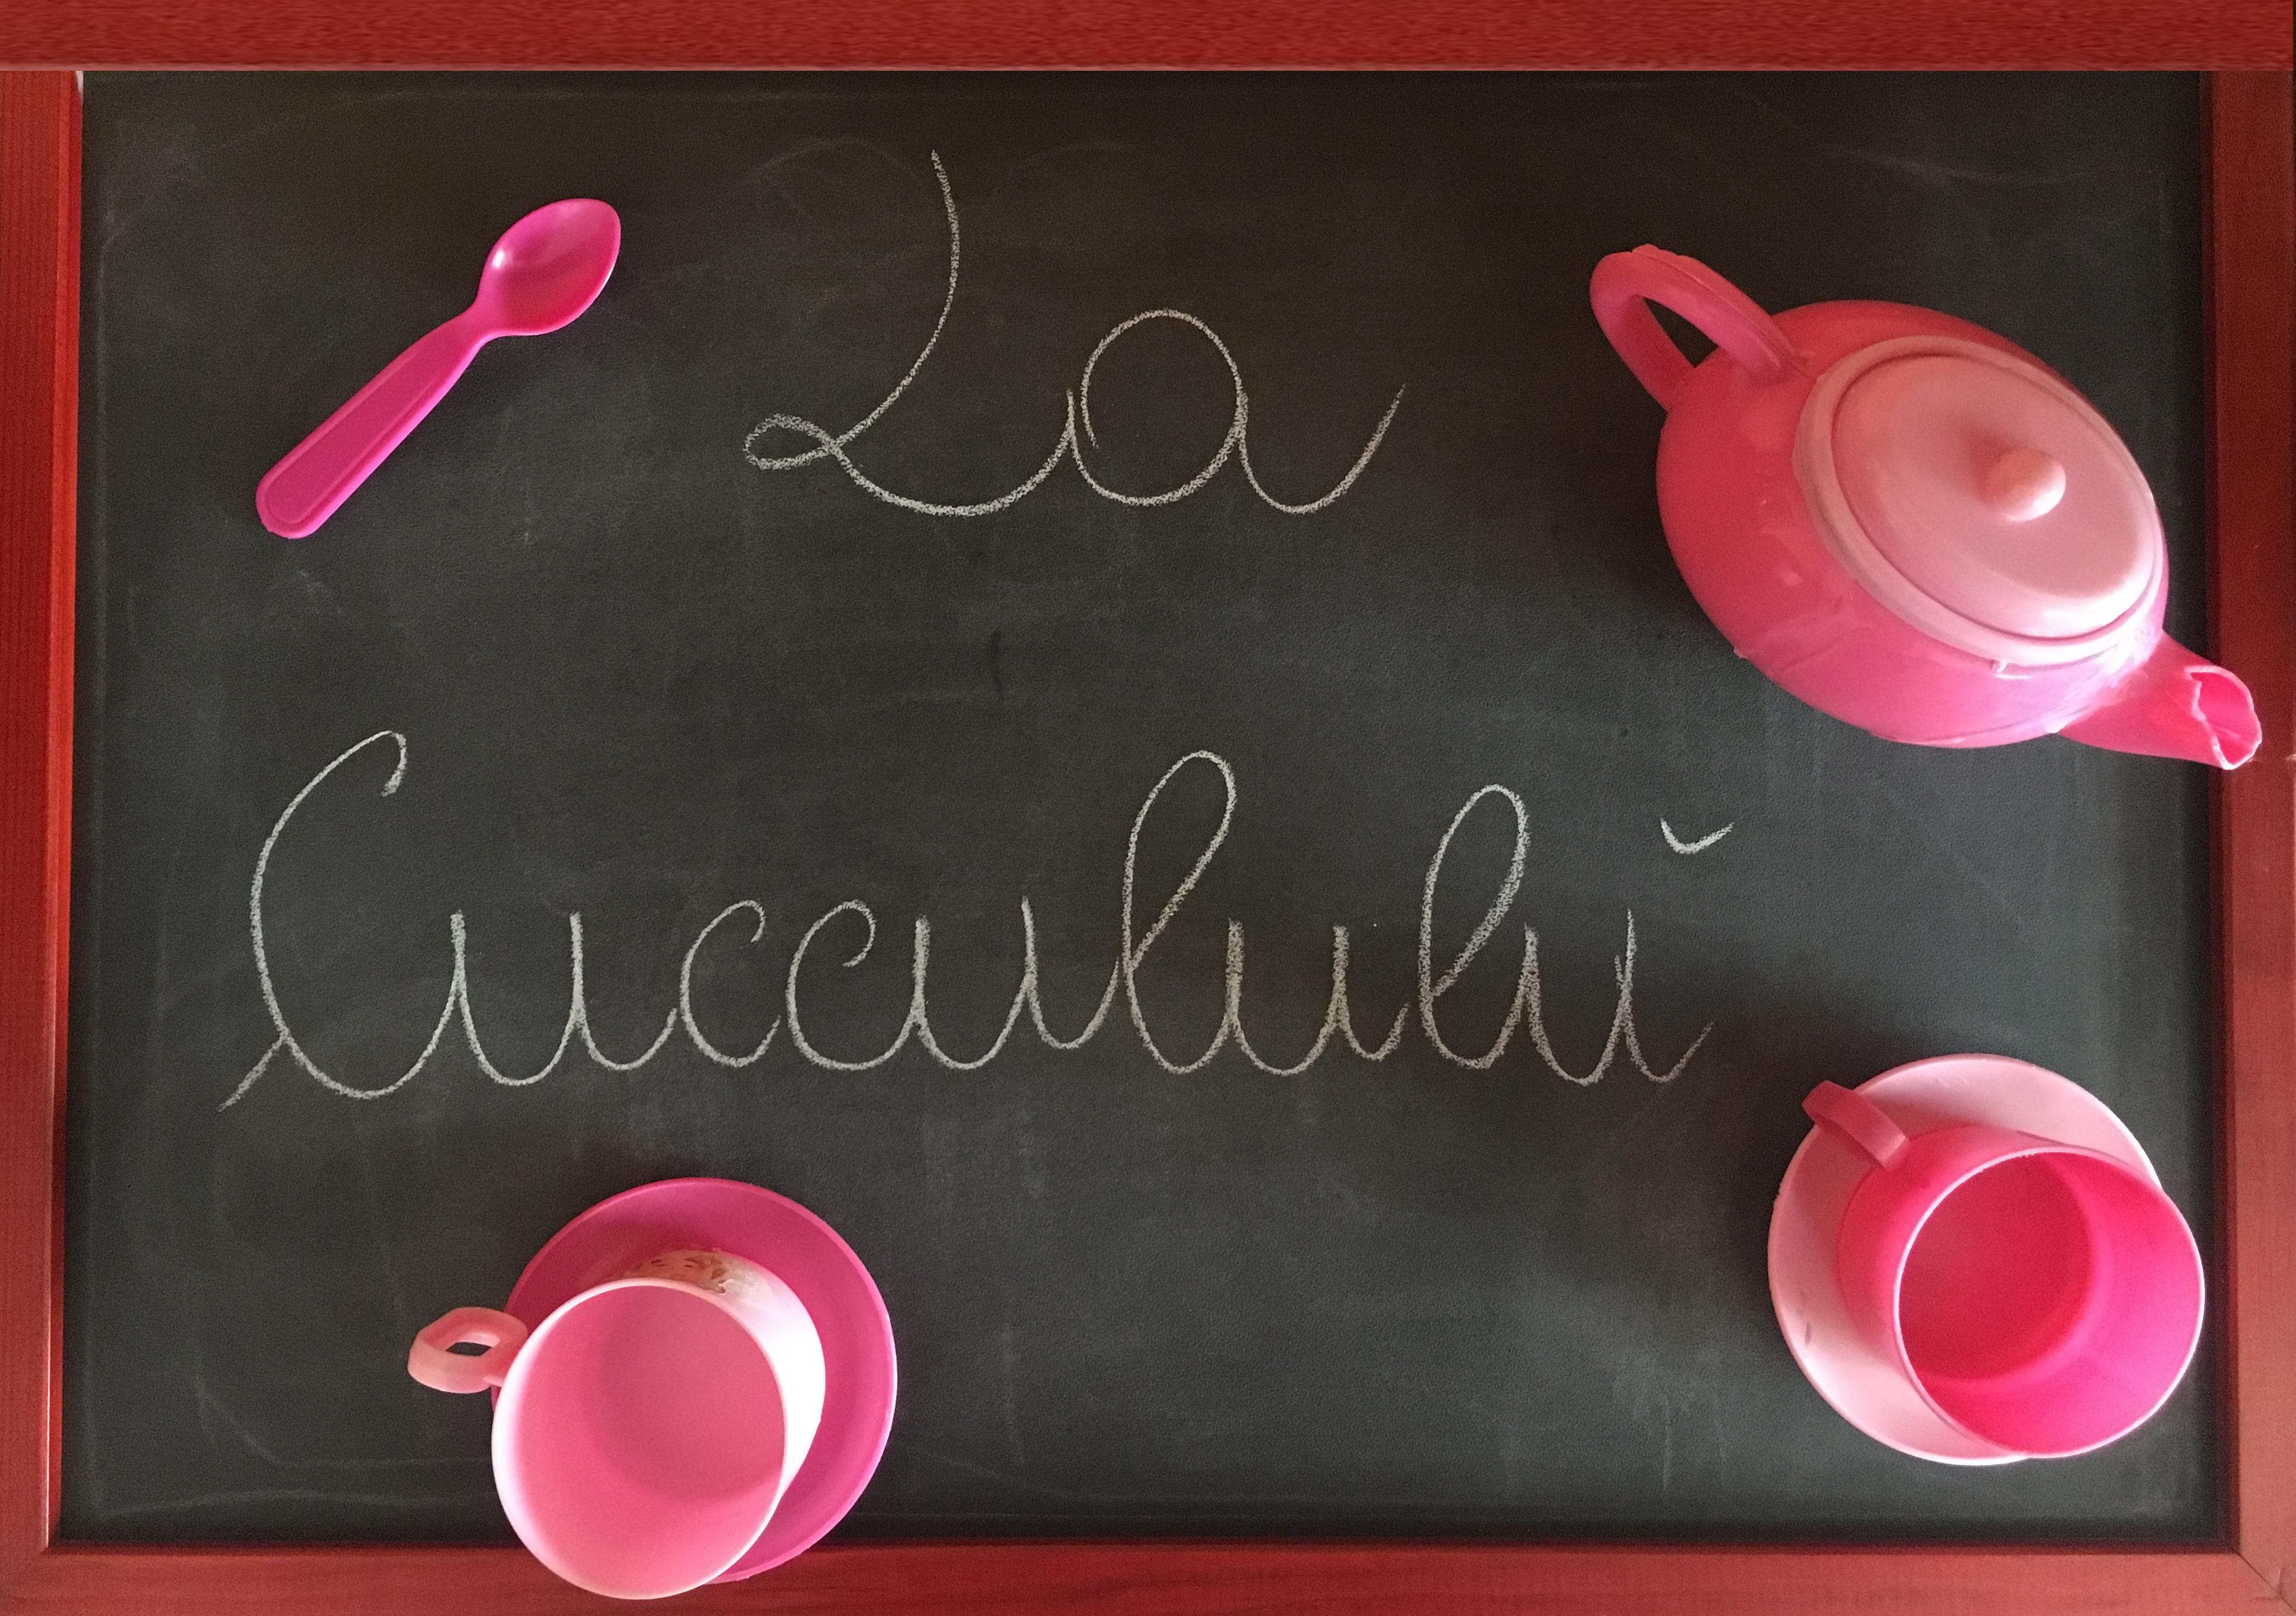 La cuccululù, dal dizionario Aurorese-Italiano